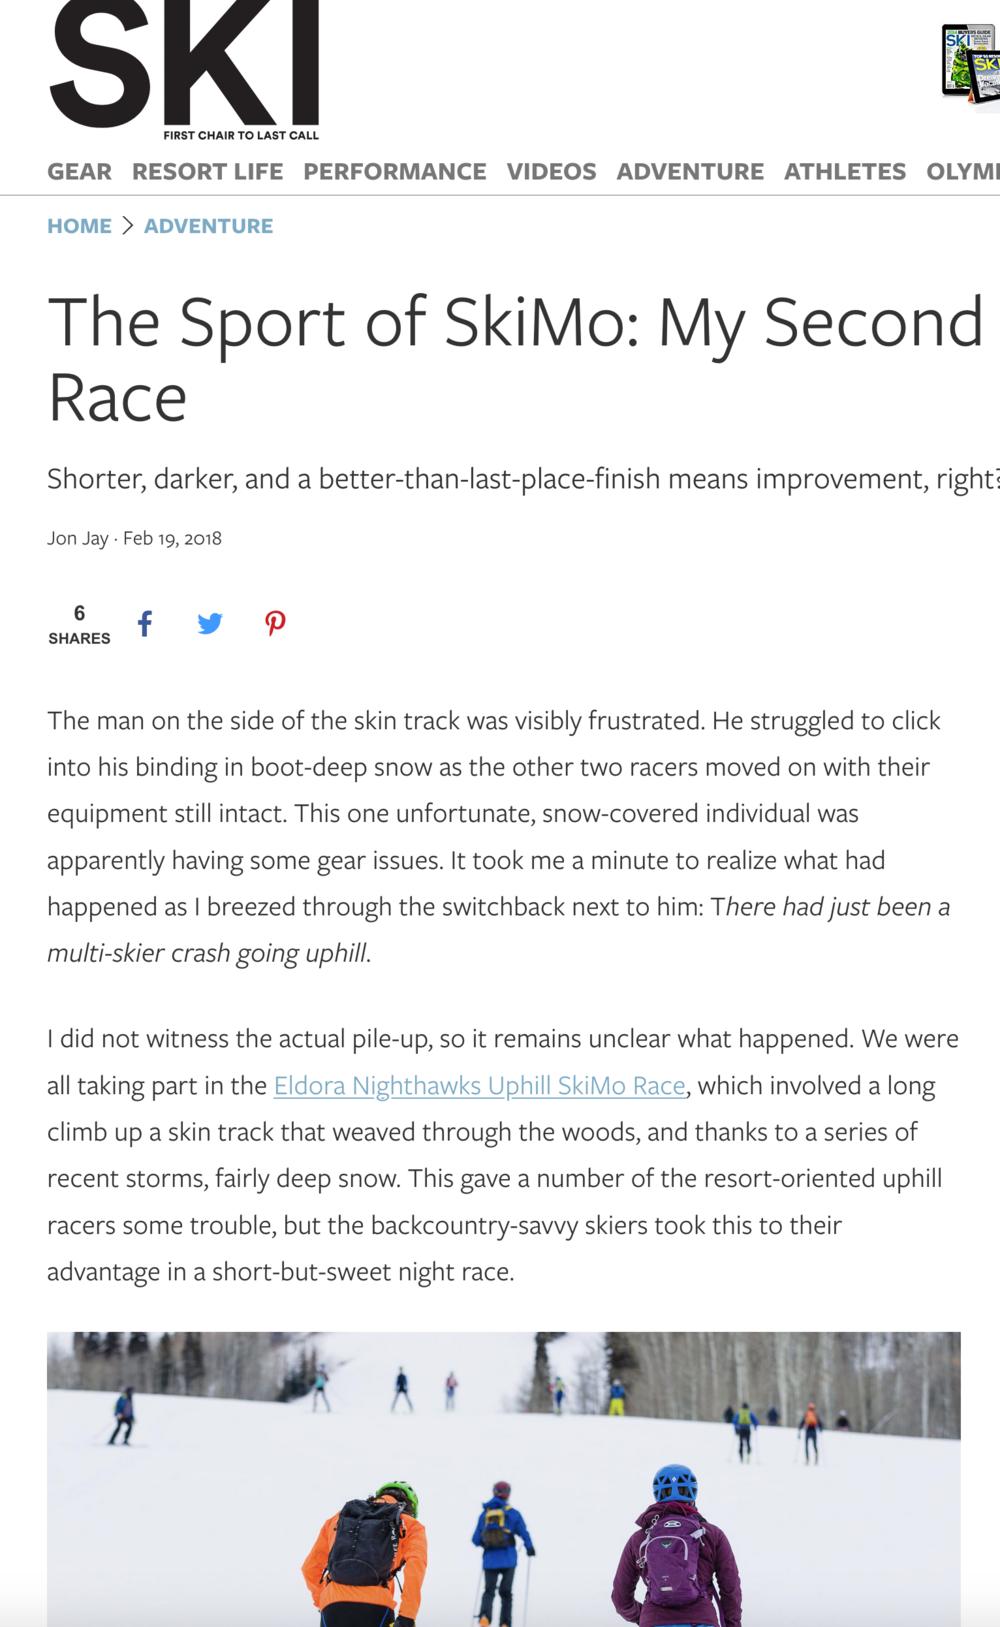 Ski Magazine Skimo Race 2